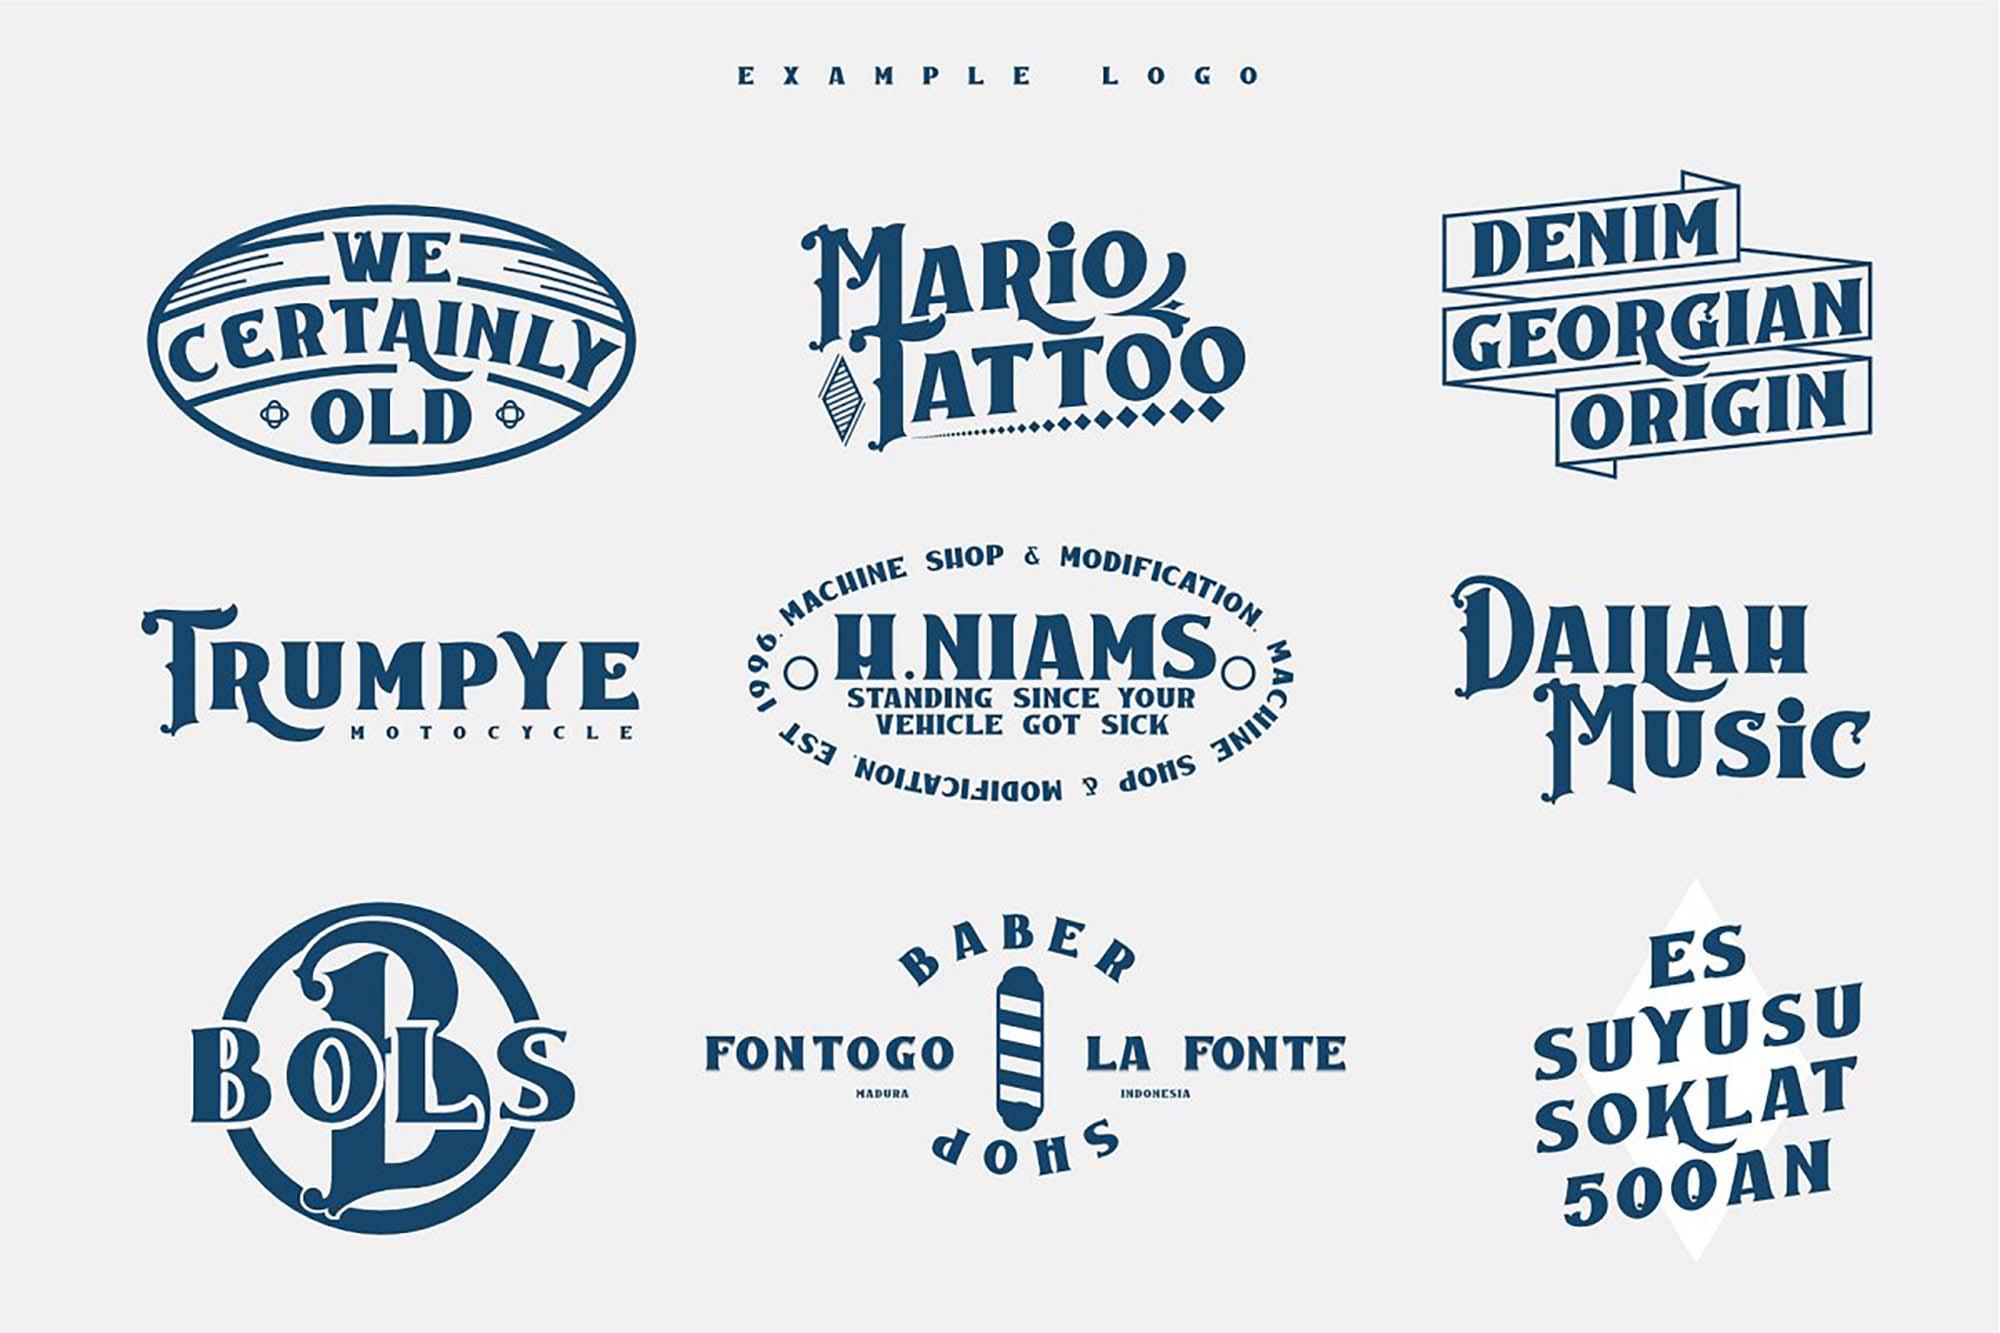 Caravan Font Badges